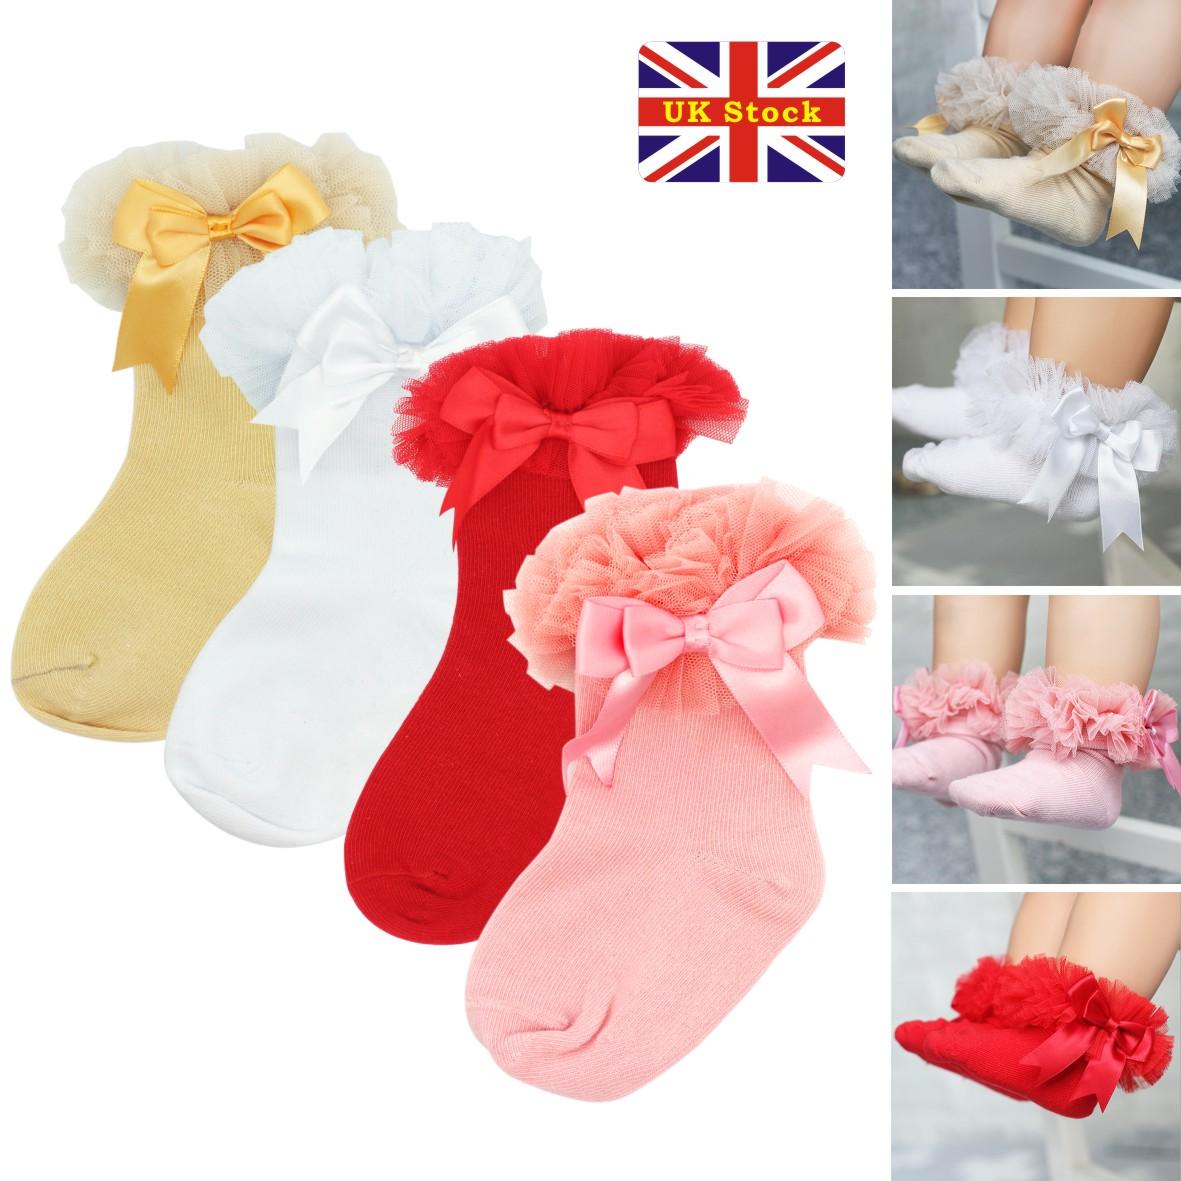 b58eddd14b83 Baby Girls Tutu Socks Bow Lace Newborn Infant Frilly Sock Cotton Short Socks  UK